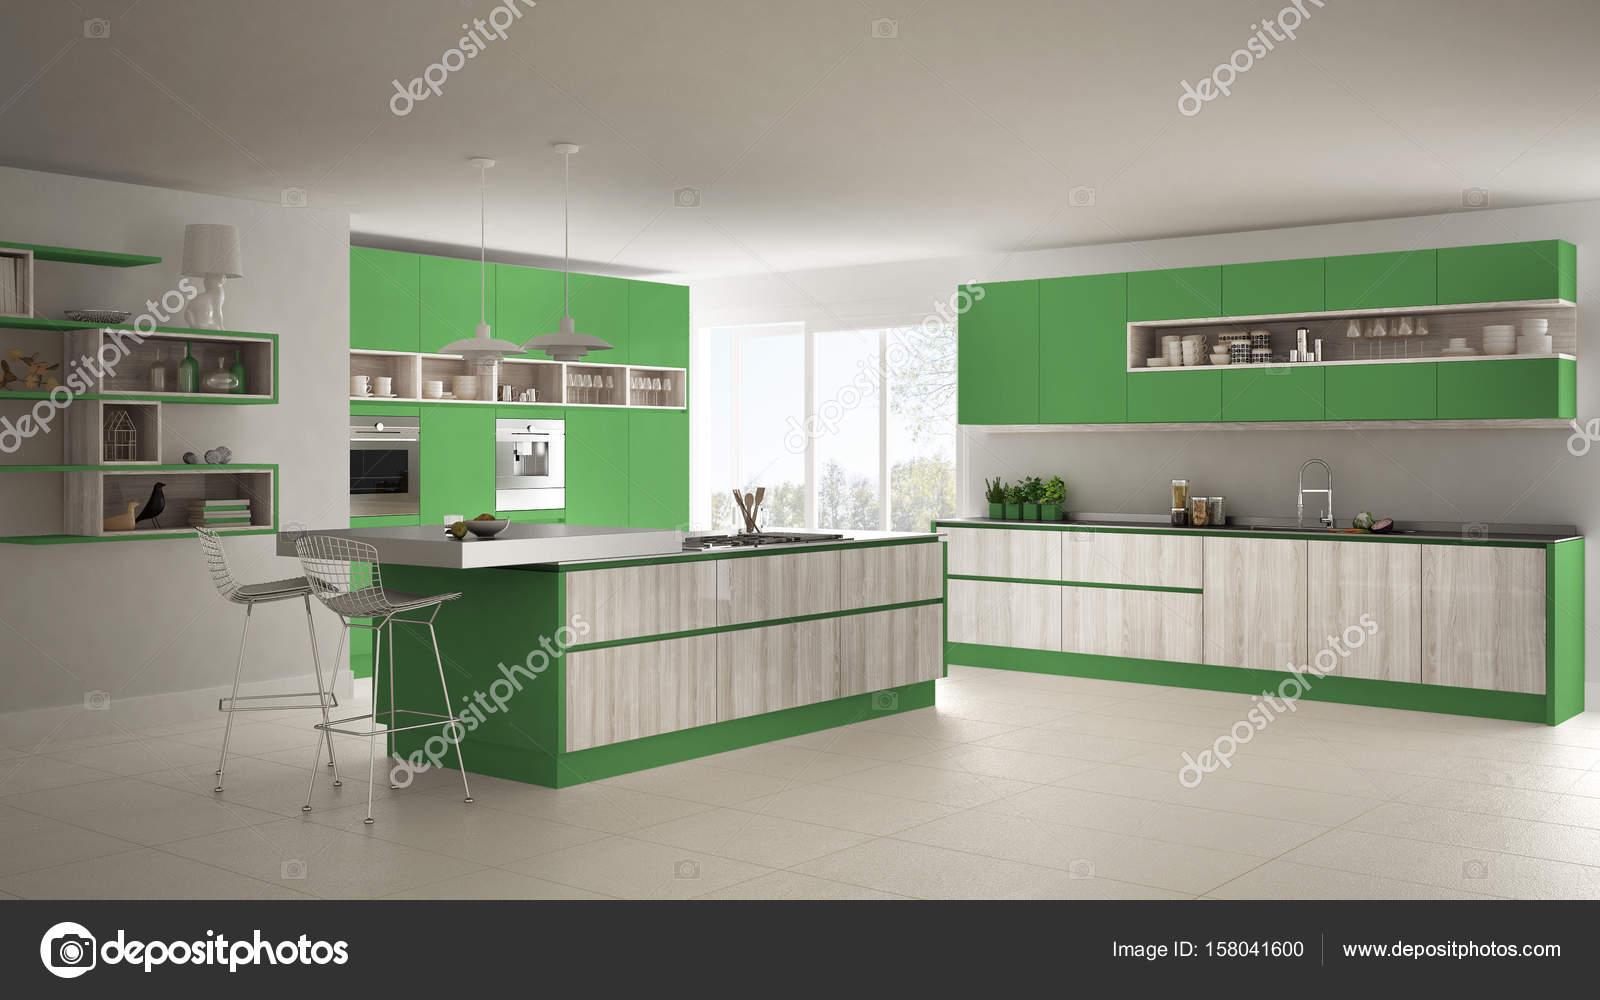 Moderna Cozinha Branca Com Detalhes Em Madeira E Verdes